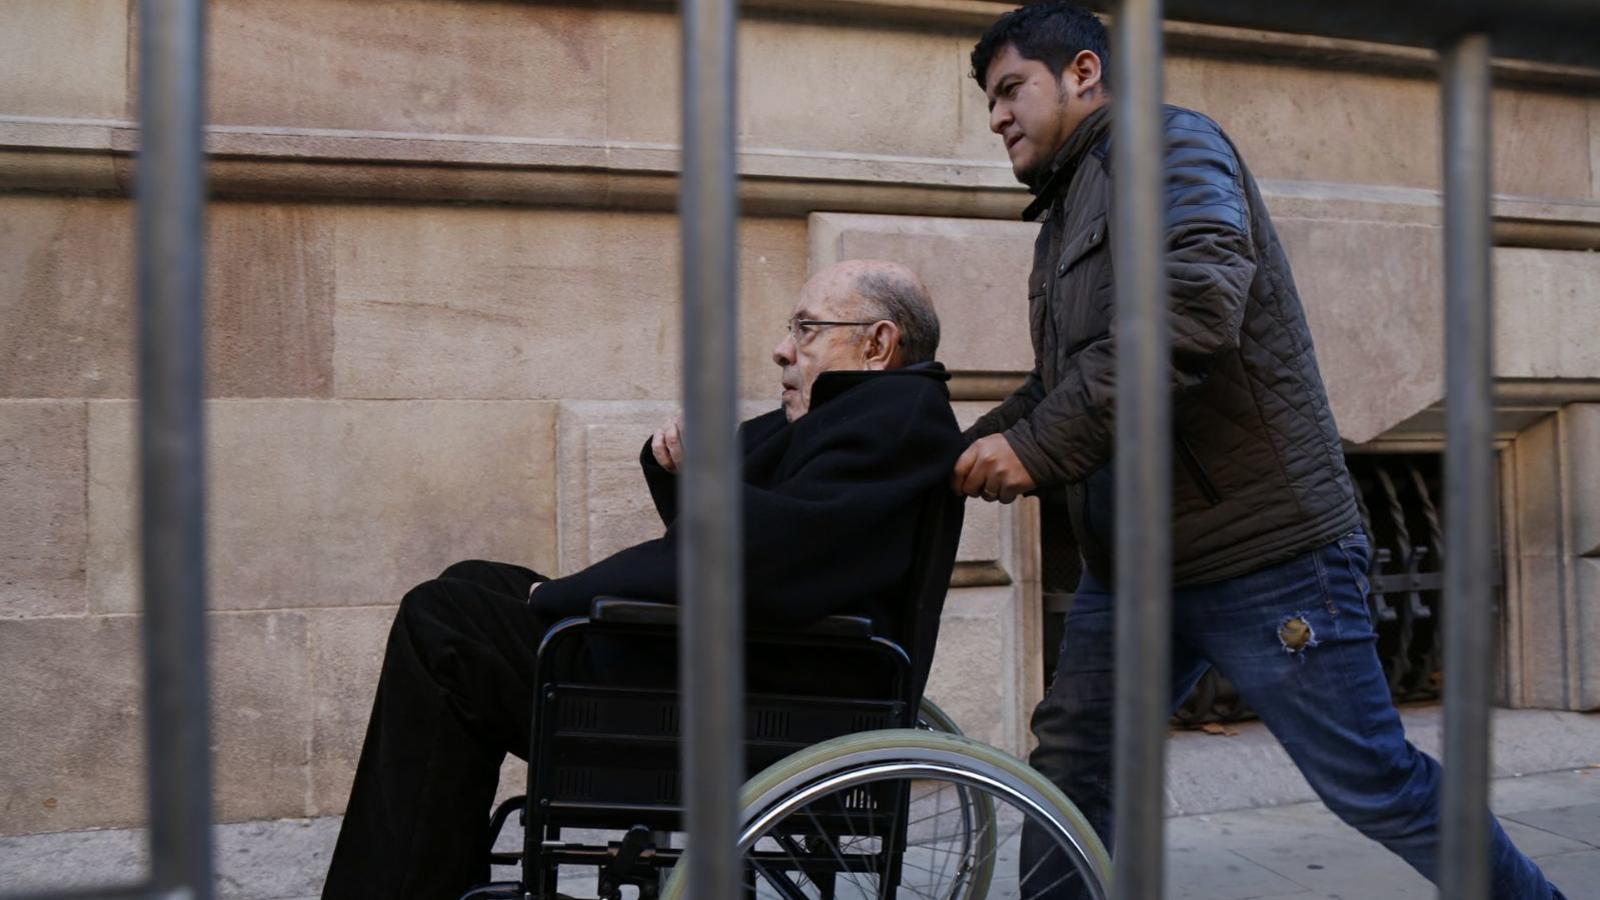 Millet haurà d'ingressar a la presó abans del 25 de juny malgrat la petició d'indult